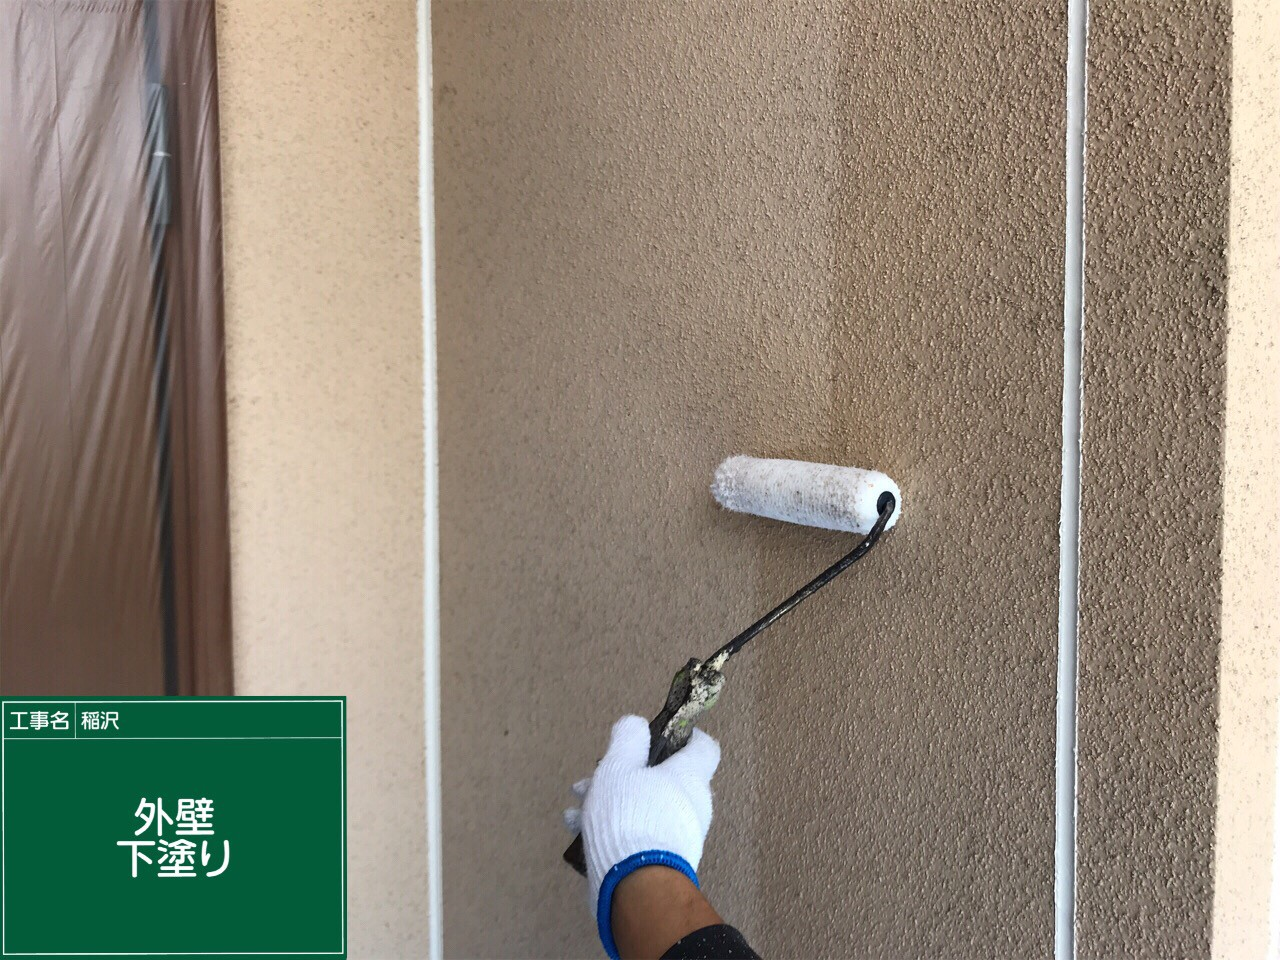 外壁 下塗り中です。シーラーと呼ばれるノリのような塗料になり